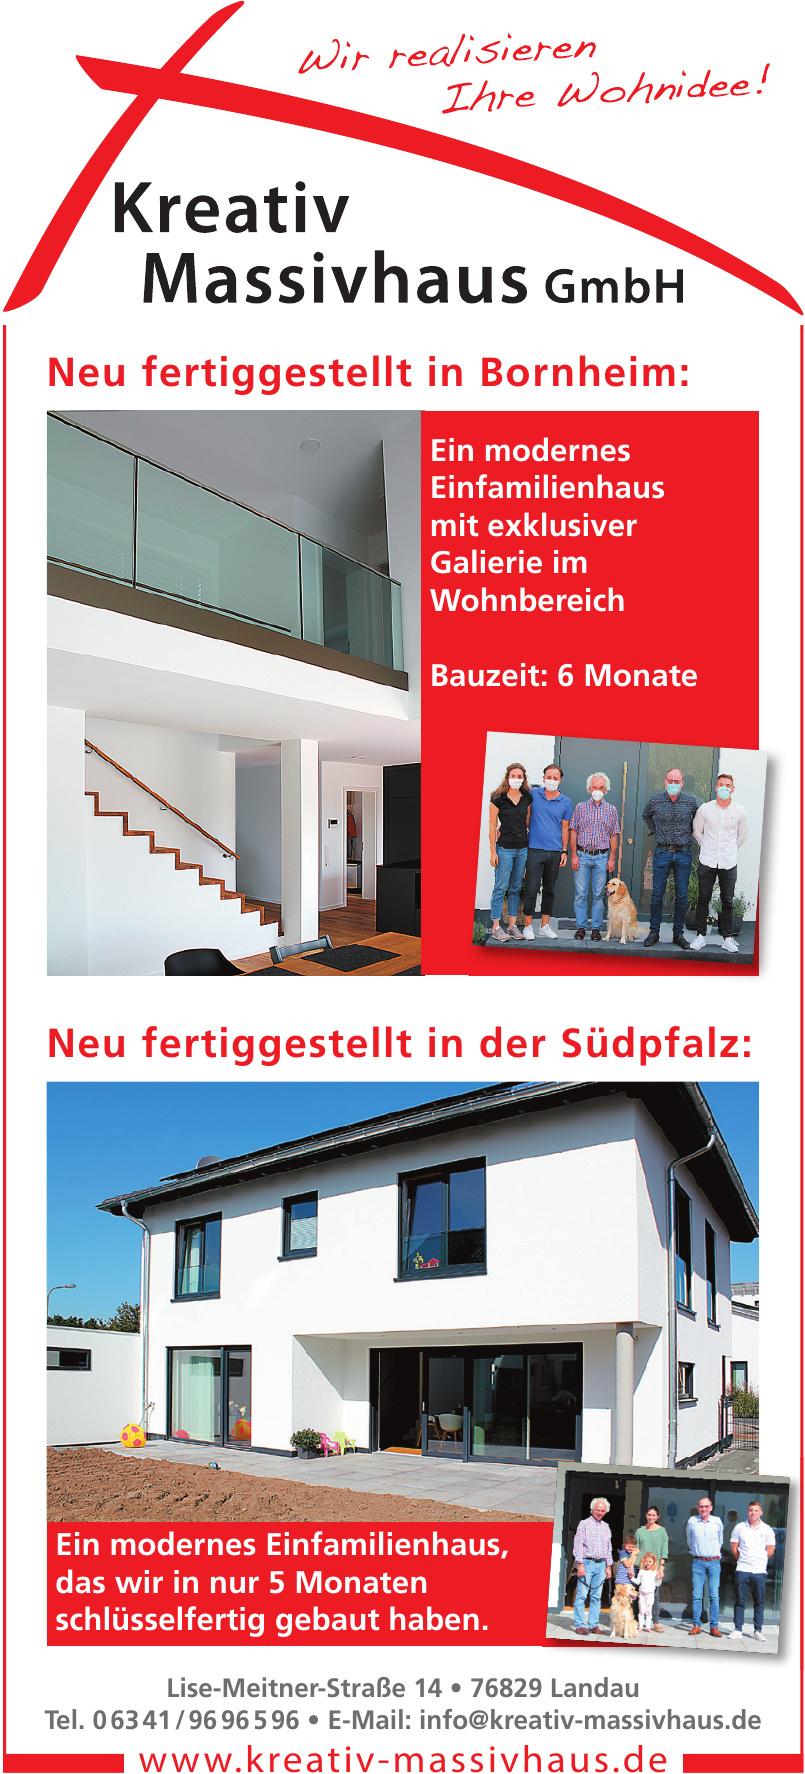 Kreativ Massivhaus GmbH